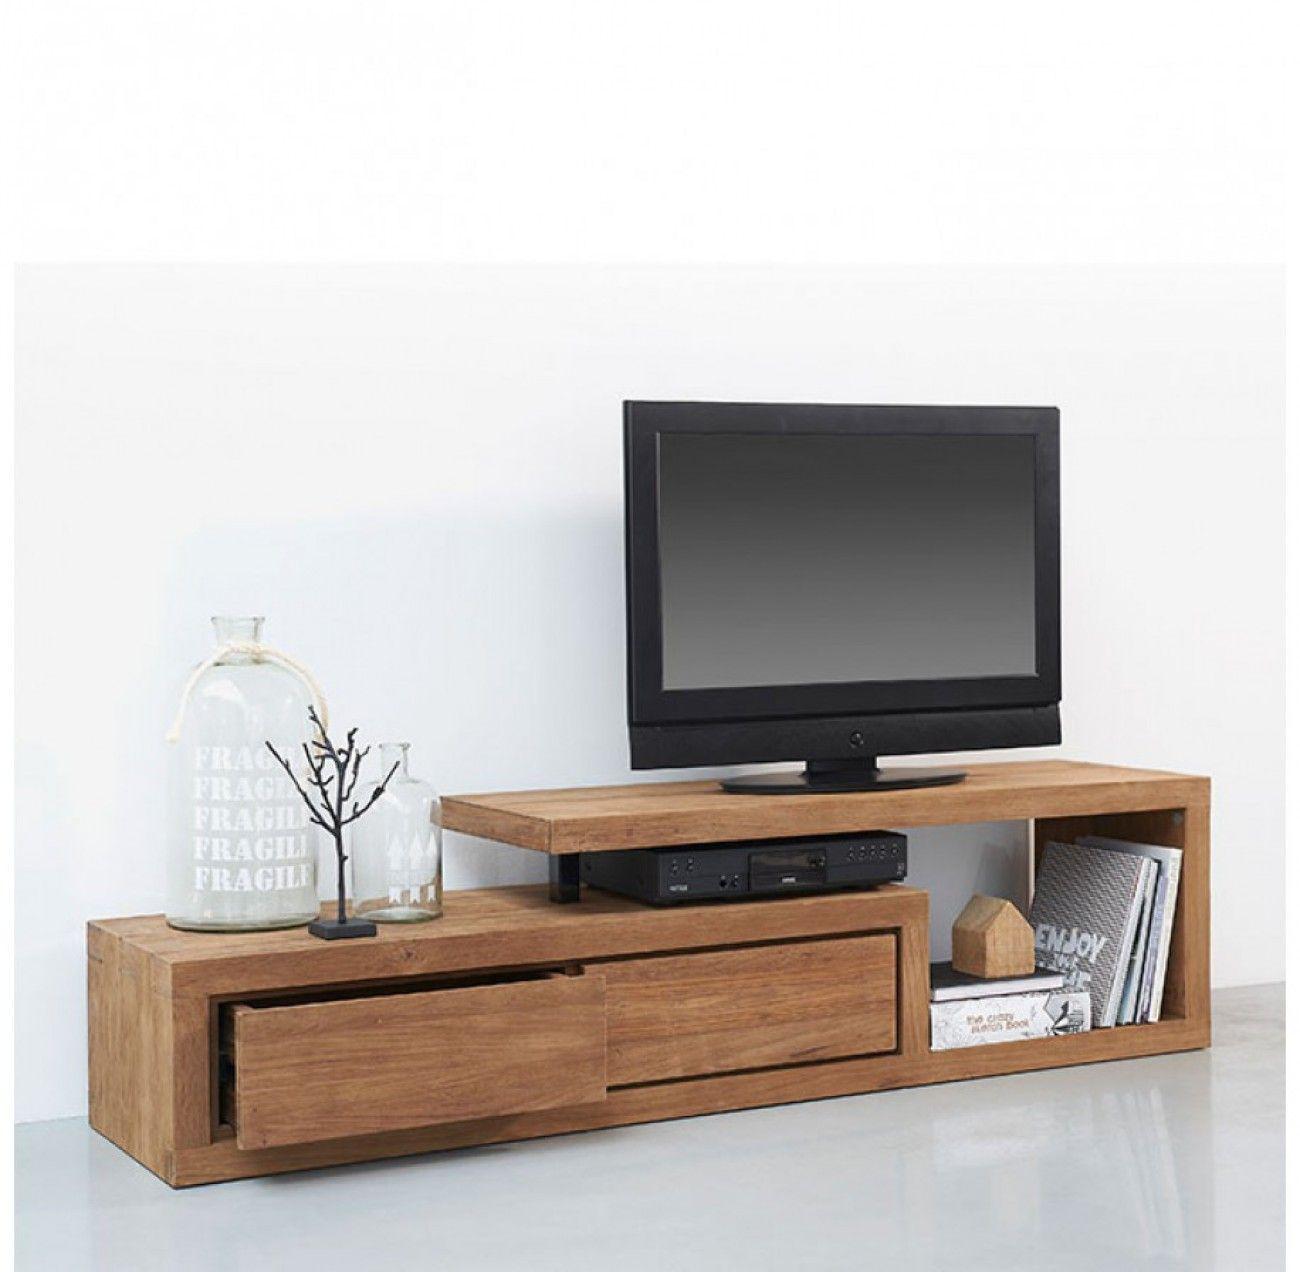 d-Bodhi teakhouten tv-meubel Lekk; mooie vormgeving, praktisch door ...